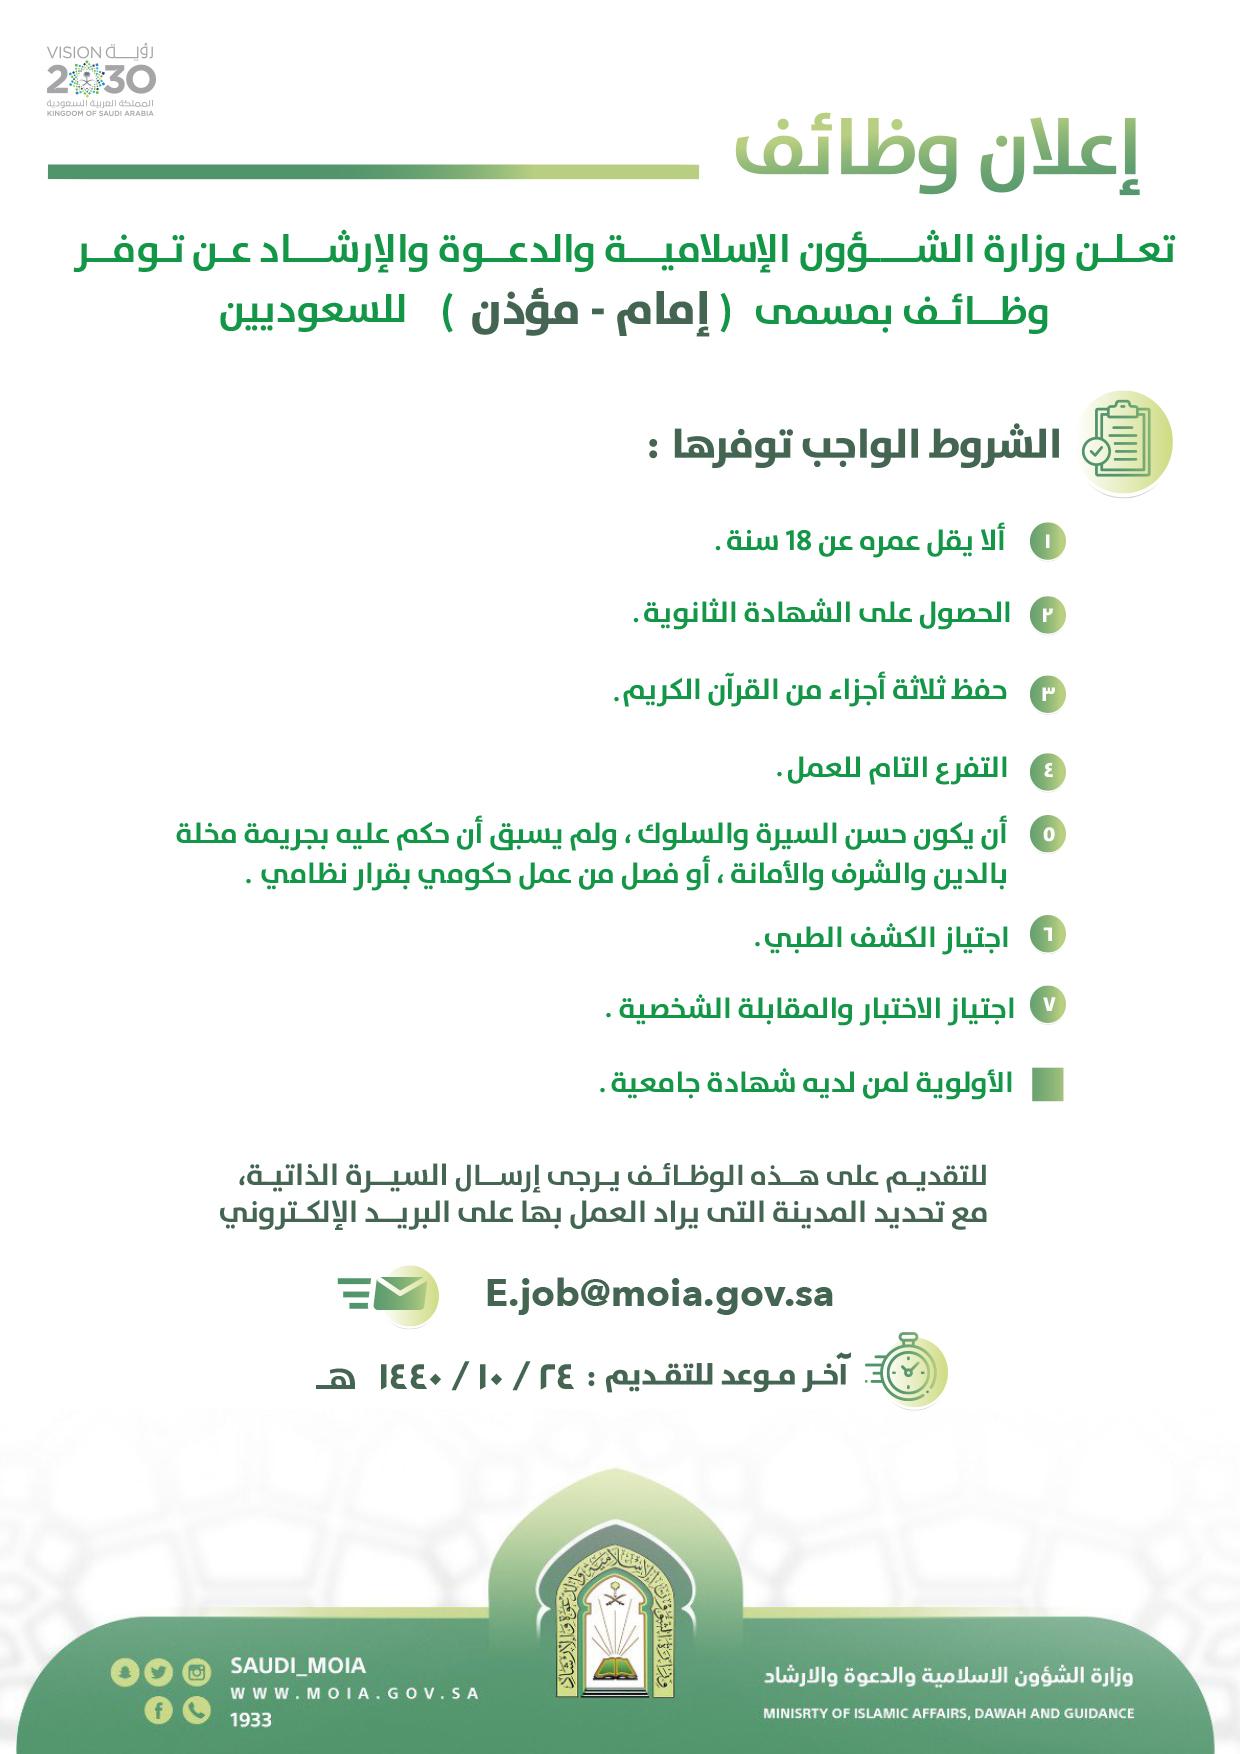 وزارة الشؤون الإسلامية تعلن وظائف إمام ومؤذن بمختلف مناطق المملكة